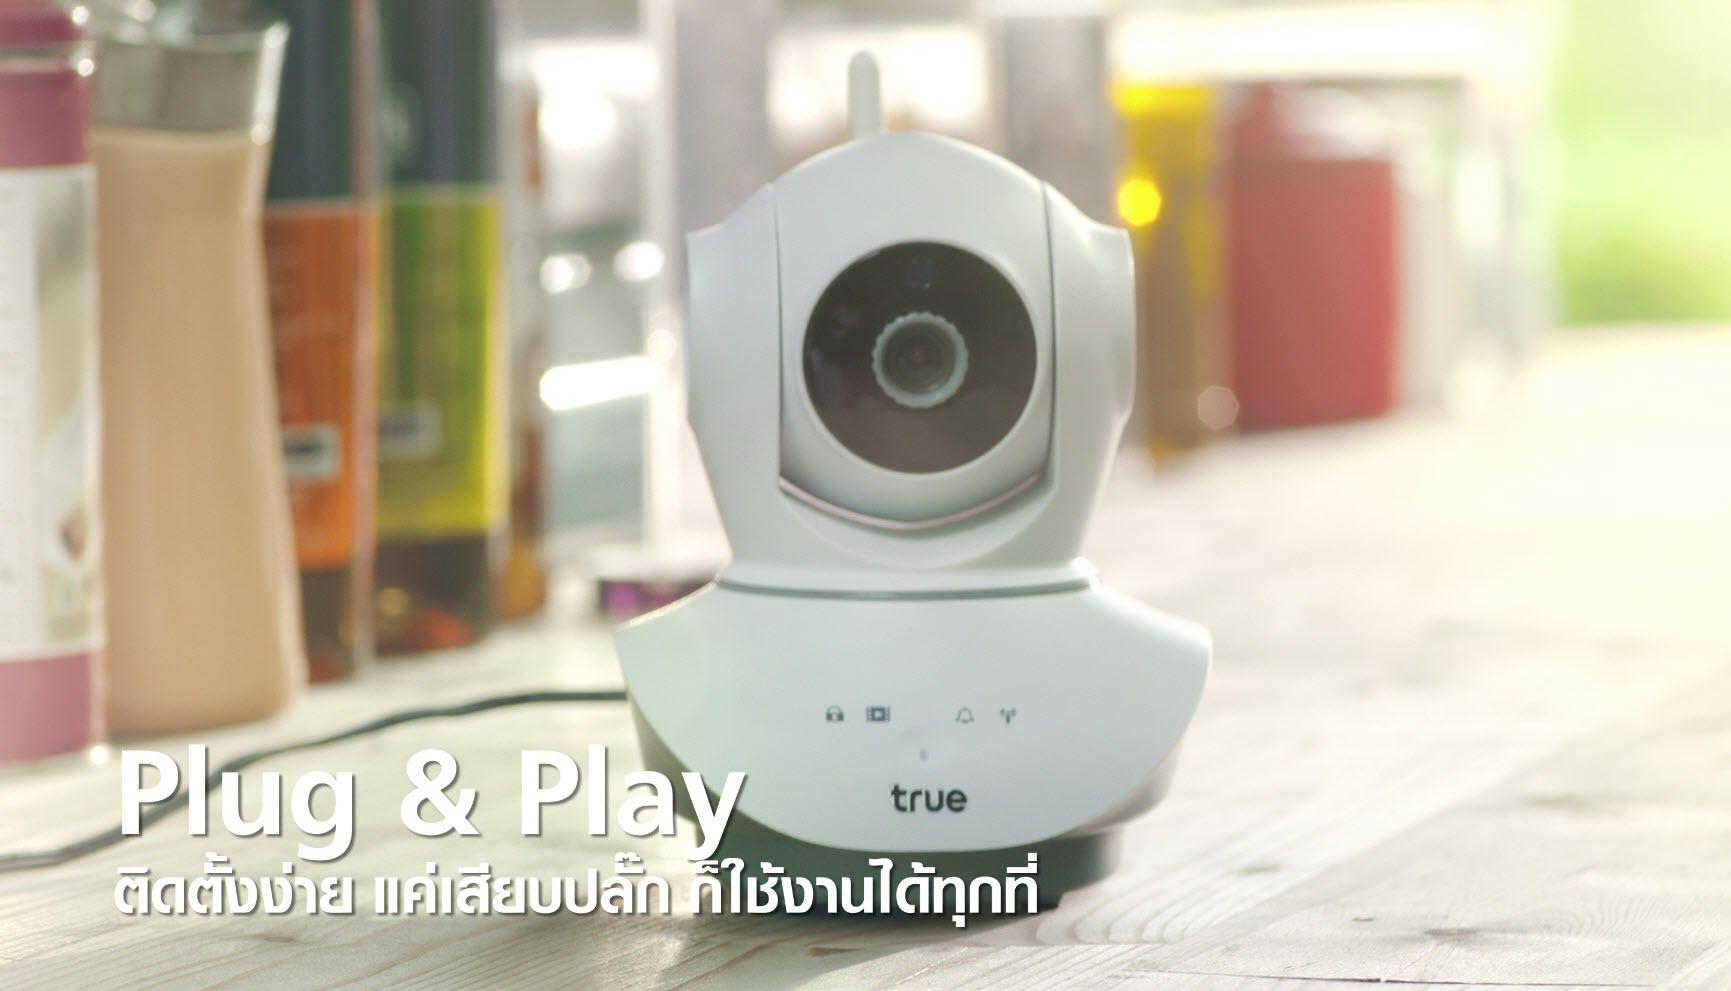 True Iot 4g Cctv 1 3